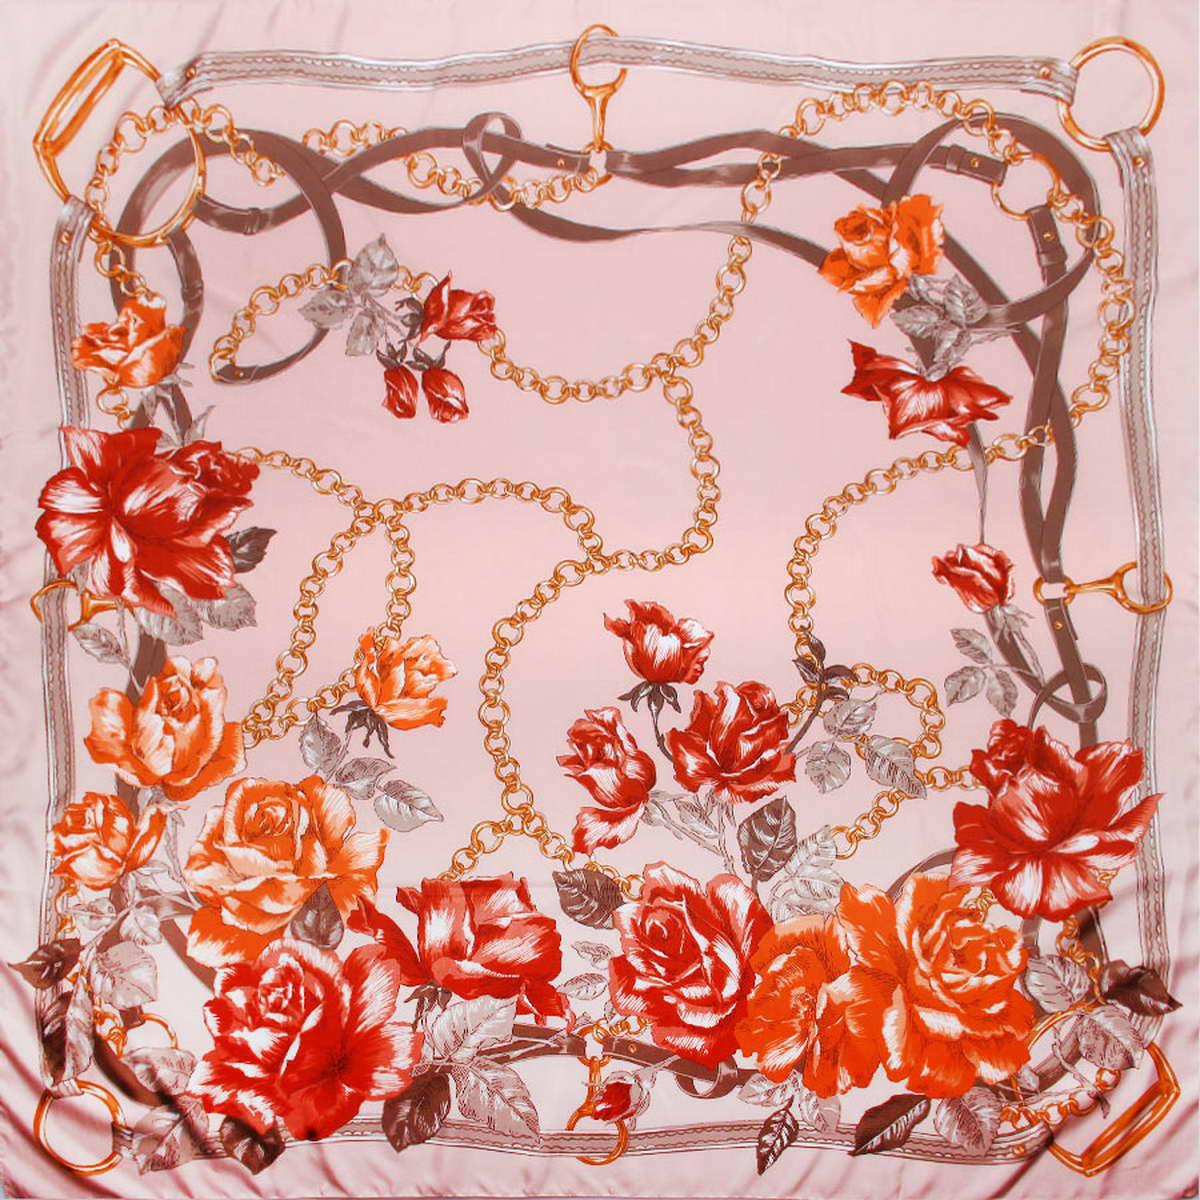 Платок женский Venera, цвет: светло-розовый, серый, оранжевый. 3904672-05. Размер 120 см х 120 см3904672-05Изысканный и аристократично шикарный женский платок Venera изготовлен из легкого и нежного полиэстера, станет самым популярным и неповторимым аксессуаром в этом сезоне. Спокойная и универсальная цветовая гамма, а также рисунок из красивых роз придаст вашему образу женственности, утонченности и деликатности. Классическая квадратная форма позволяет носить платок на шее, украшать им прическу или декорировать сумочку.Платок Venera превосходно дополнит любой наряд и подчеркнет ваш неповторимый вкус и элегантность.